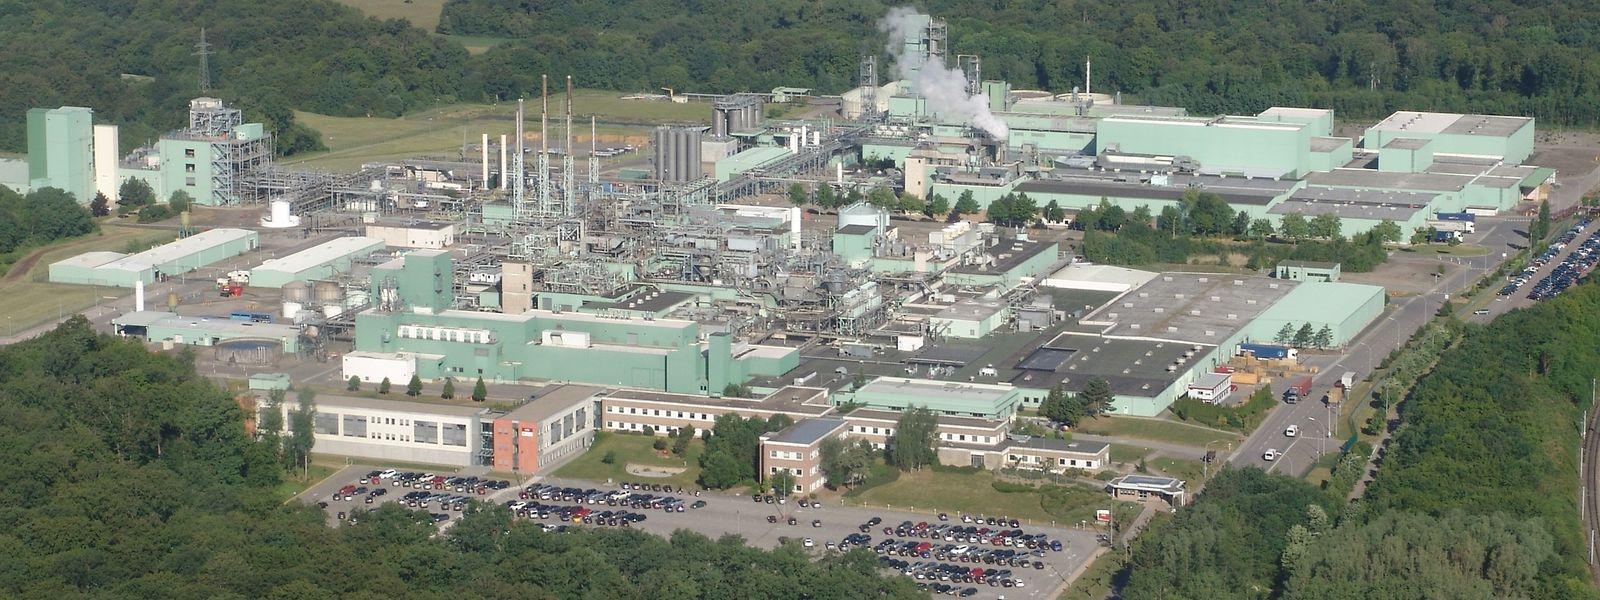 La demande mondiale en Tyvek liée directement à la crise sanitaire a boosté les chaînes de production chez DuPont à Contern.